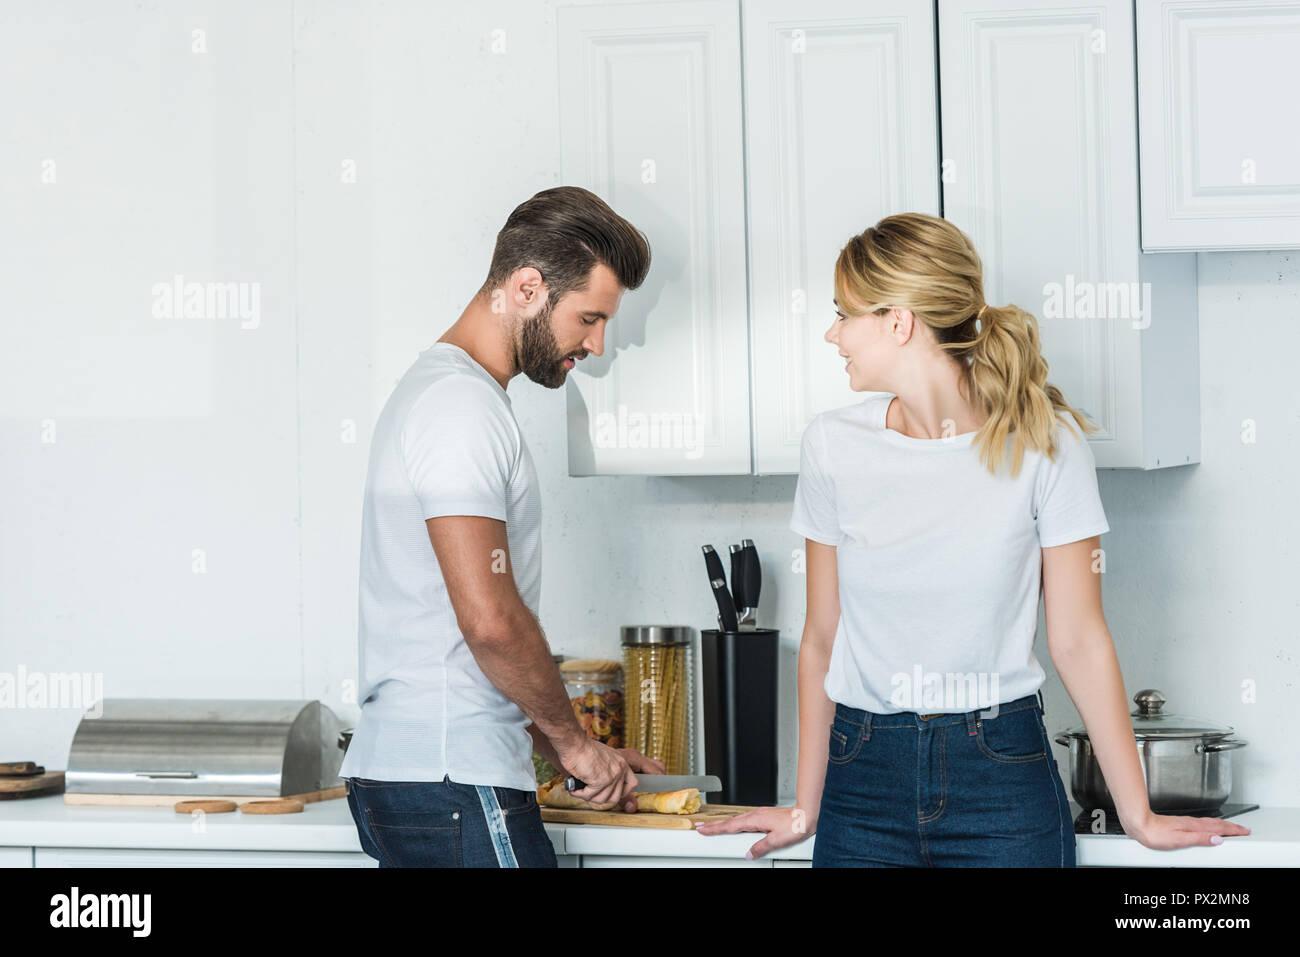 Hermosa joven mirando novio corte baguette en la cocina Imagen De Stock